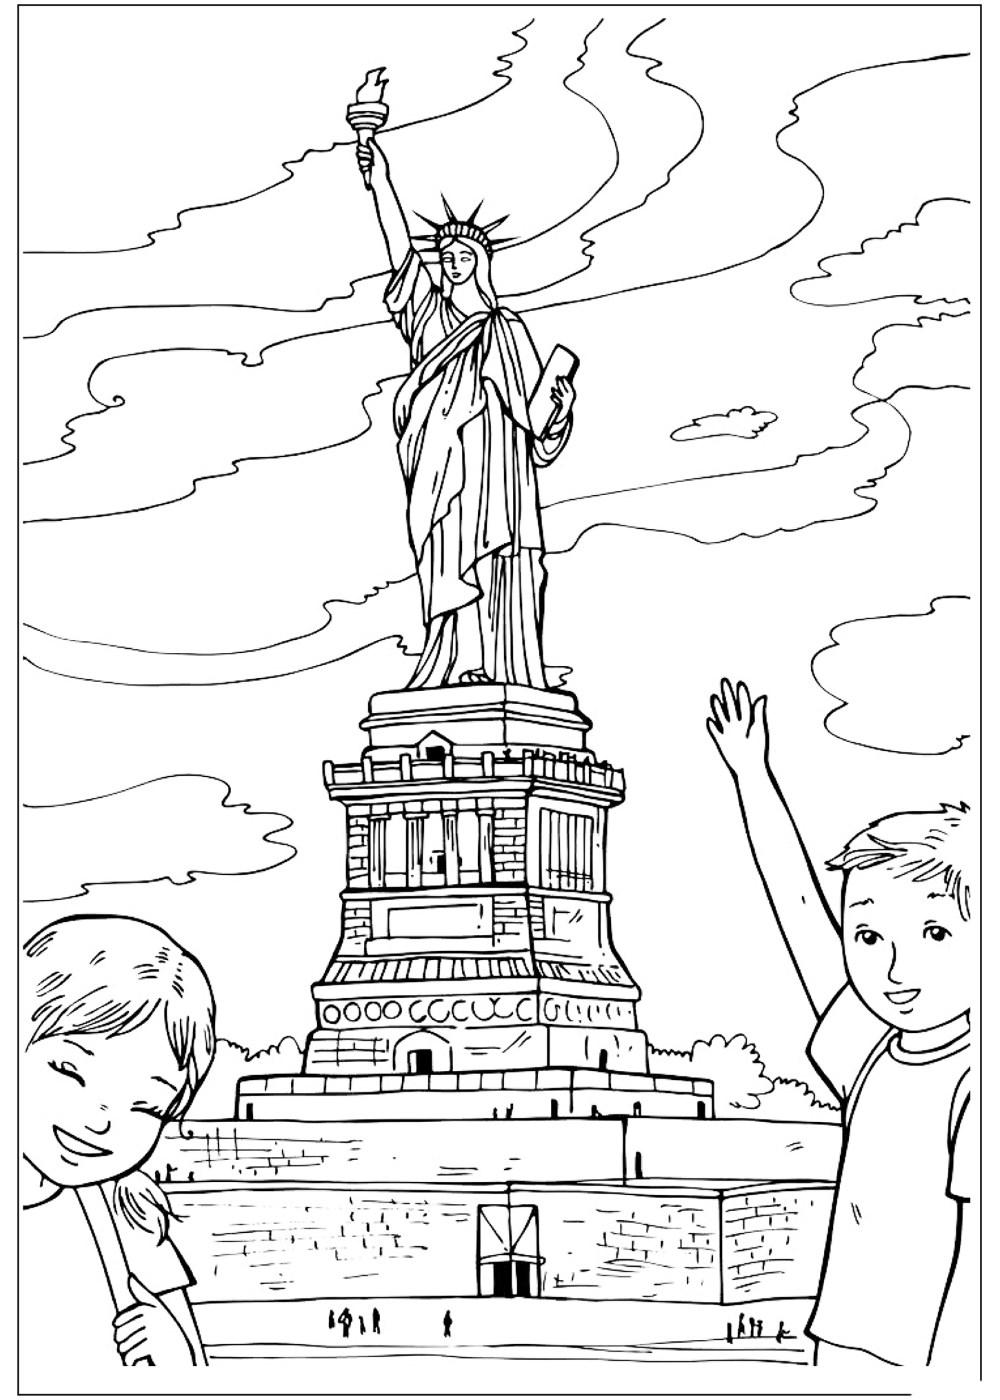 Disegni da colorare statua della libert - Carino facile colorare le pagine ...